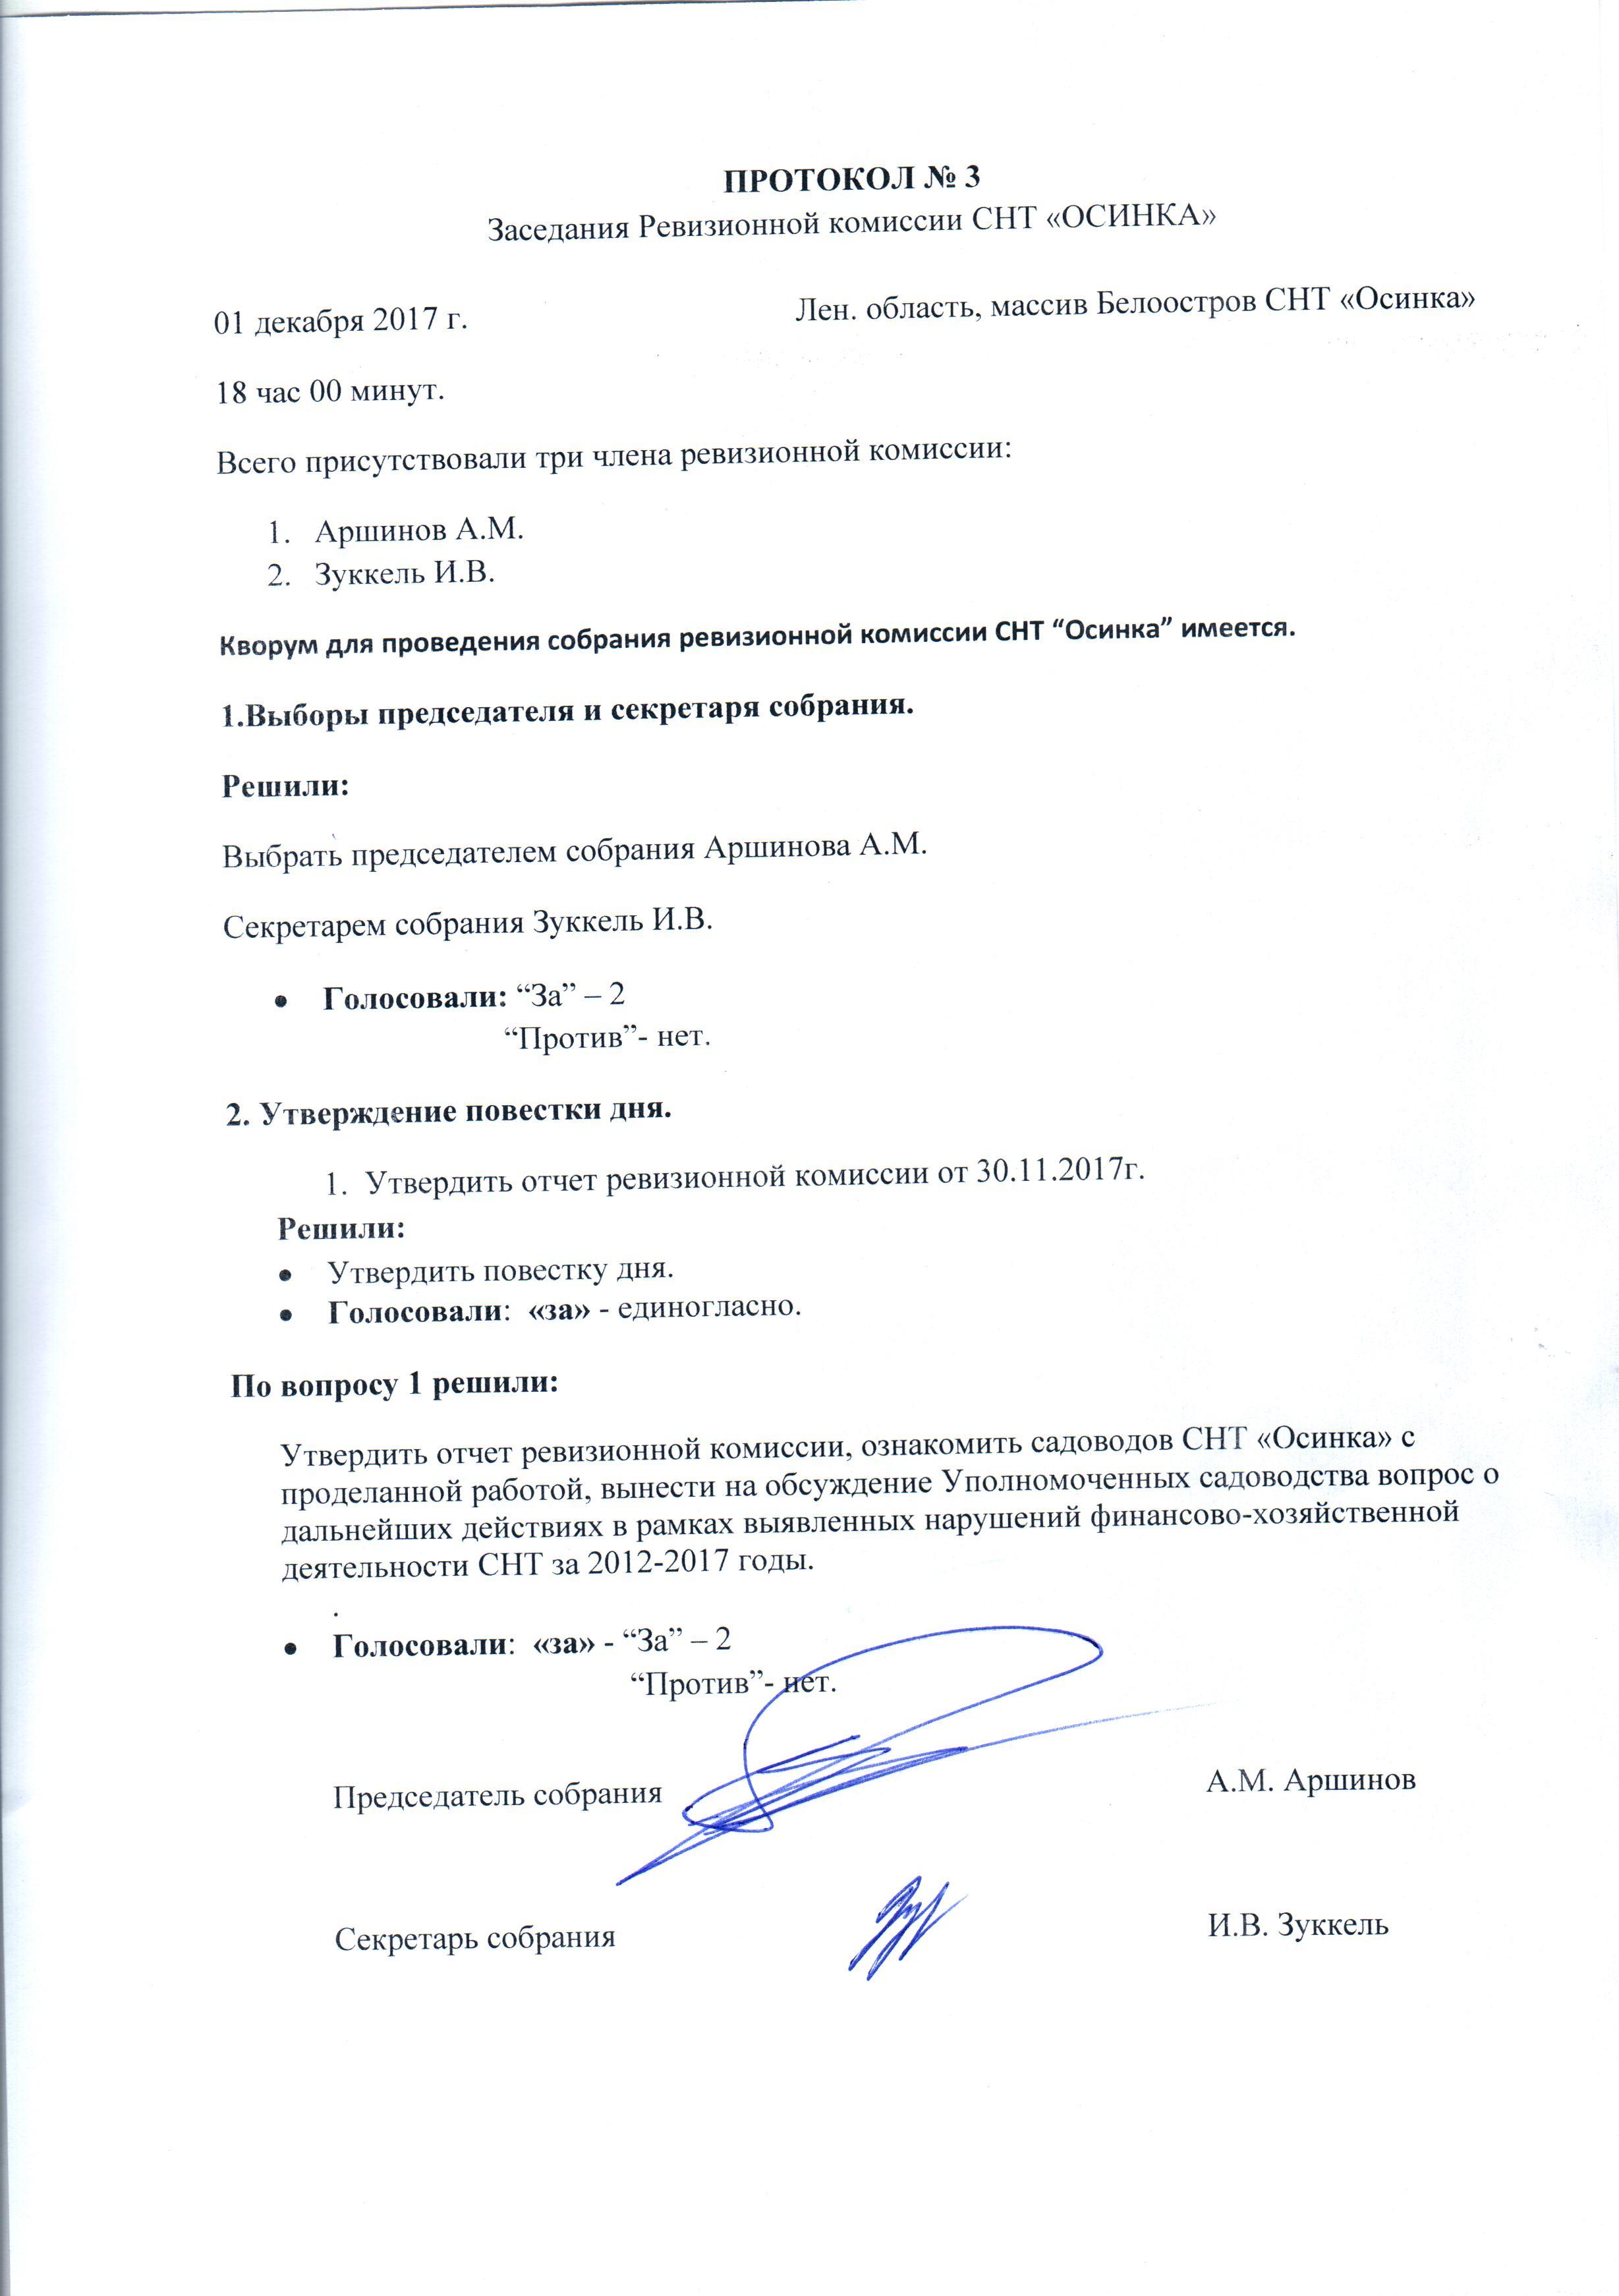 Поздравление контрольно-ревизионной комиссии